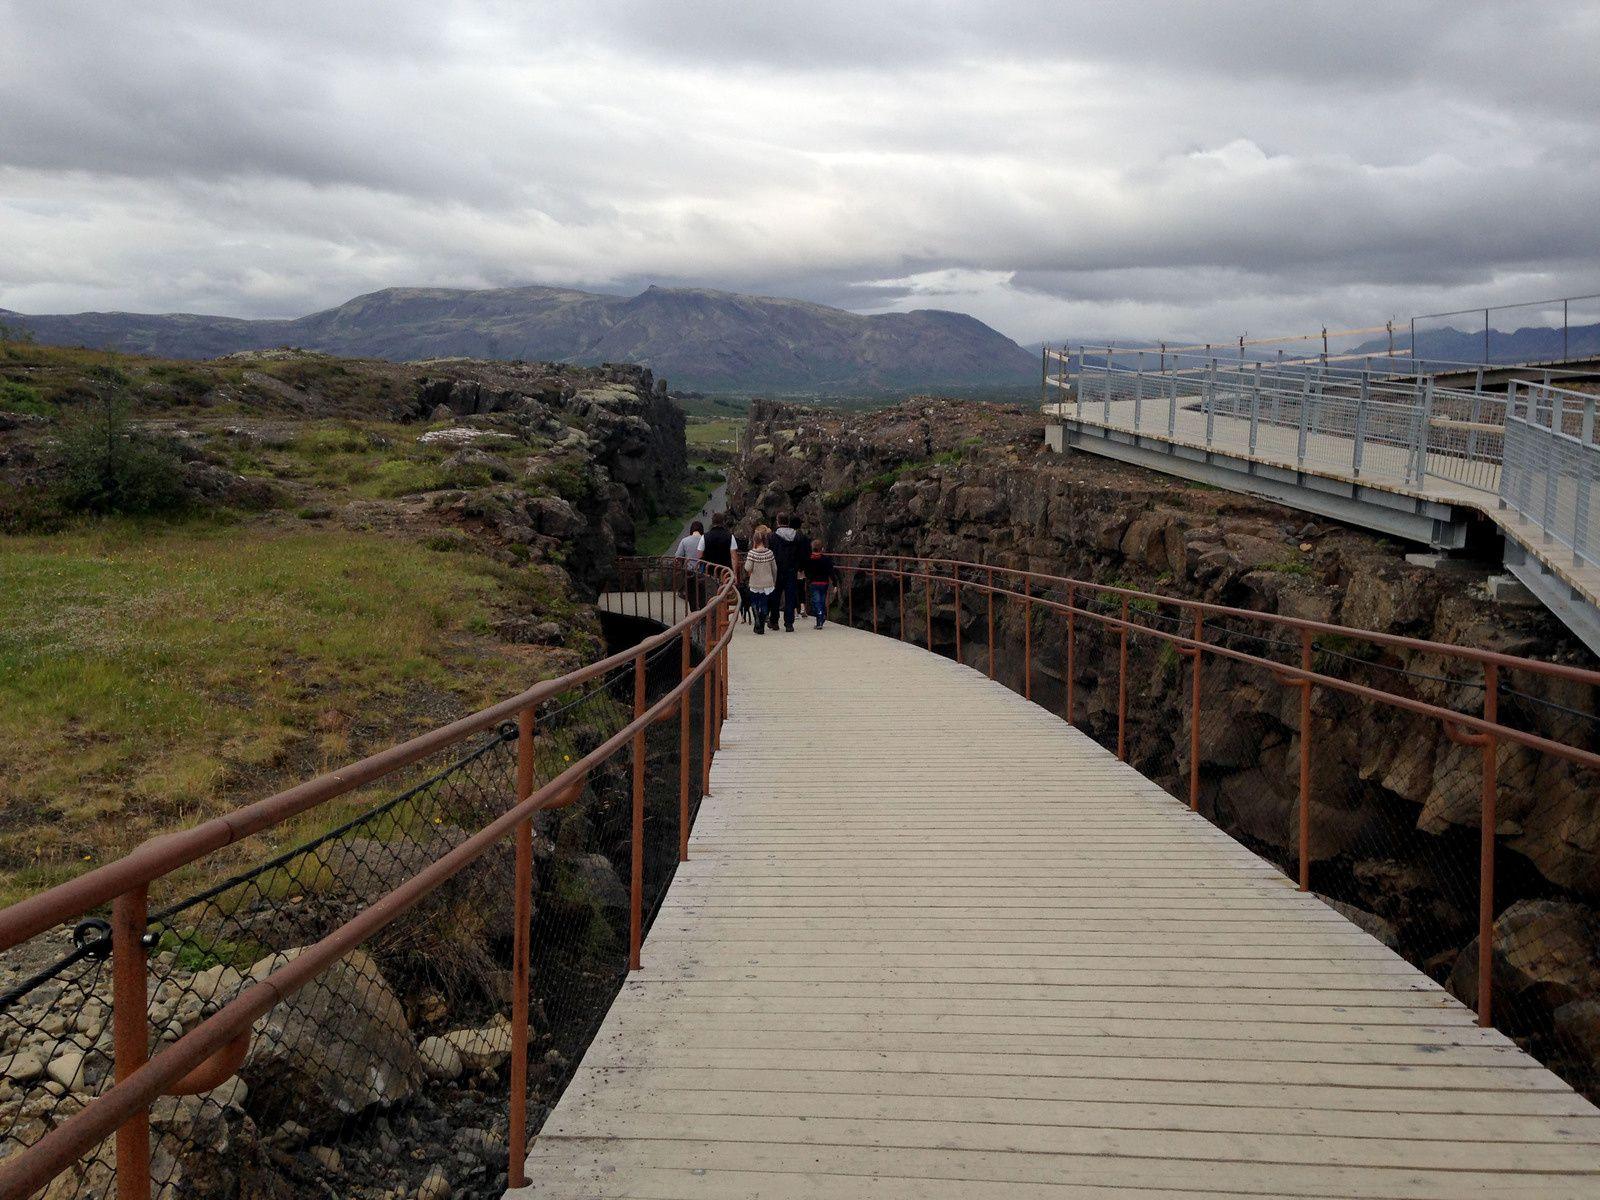 Vacances en Islande - Jour 9